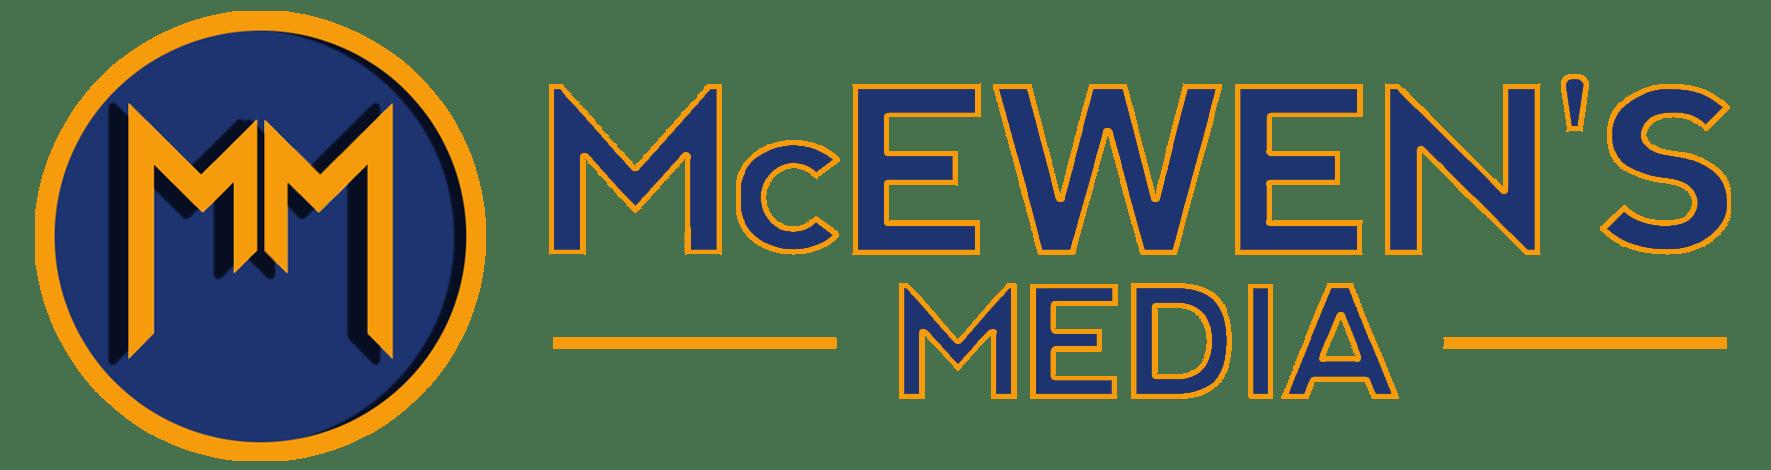 McEwen's Media